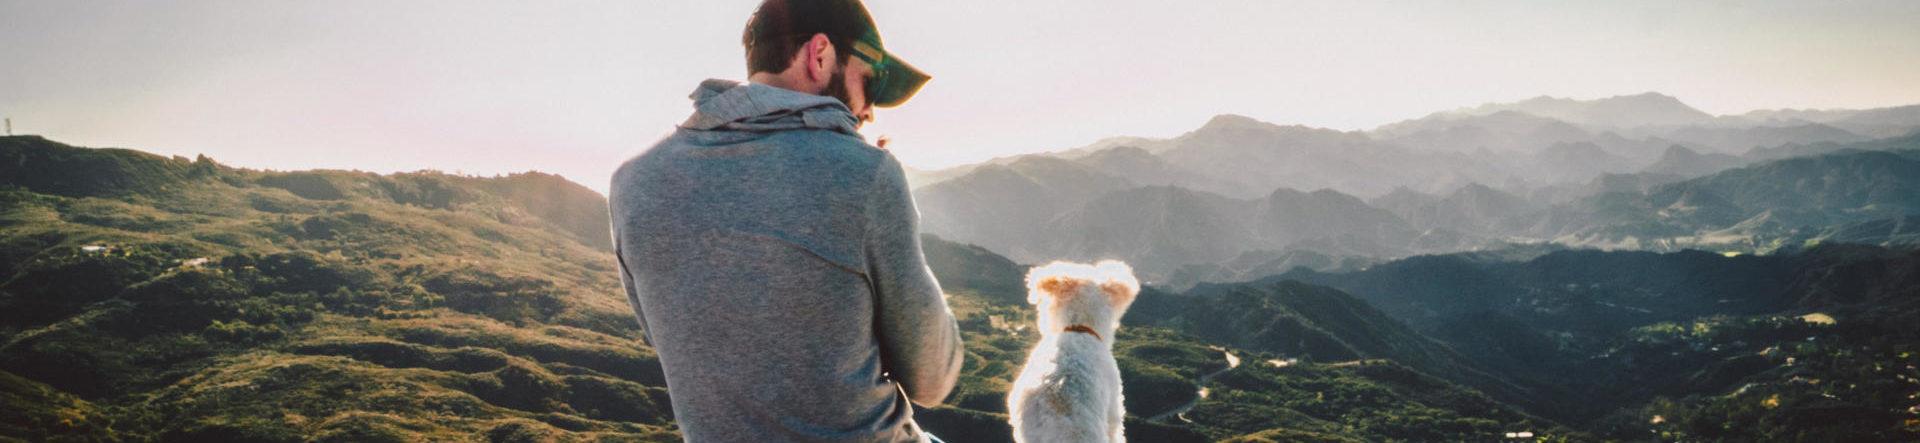 Aflivning af hund i Kolding – tryg og omsorgsfuld | Dyrlægehuset Kolding